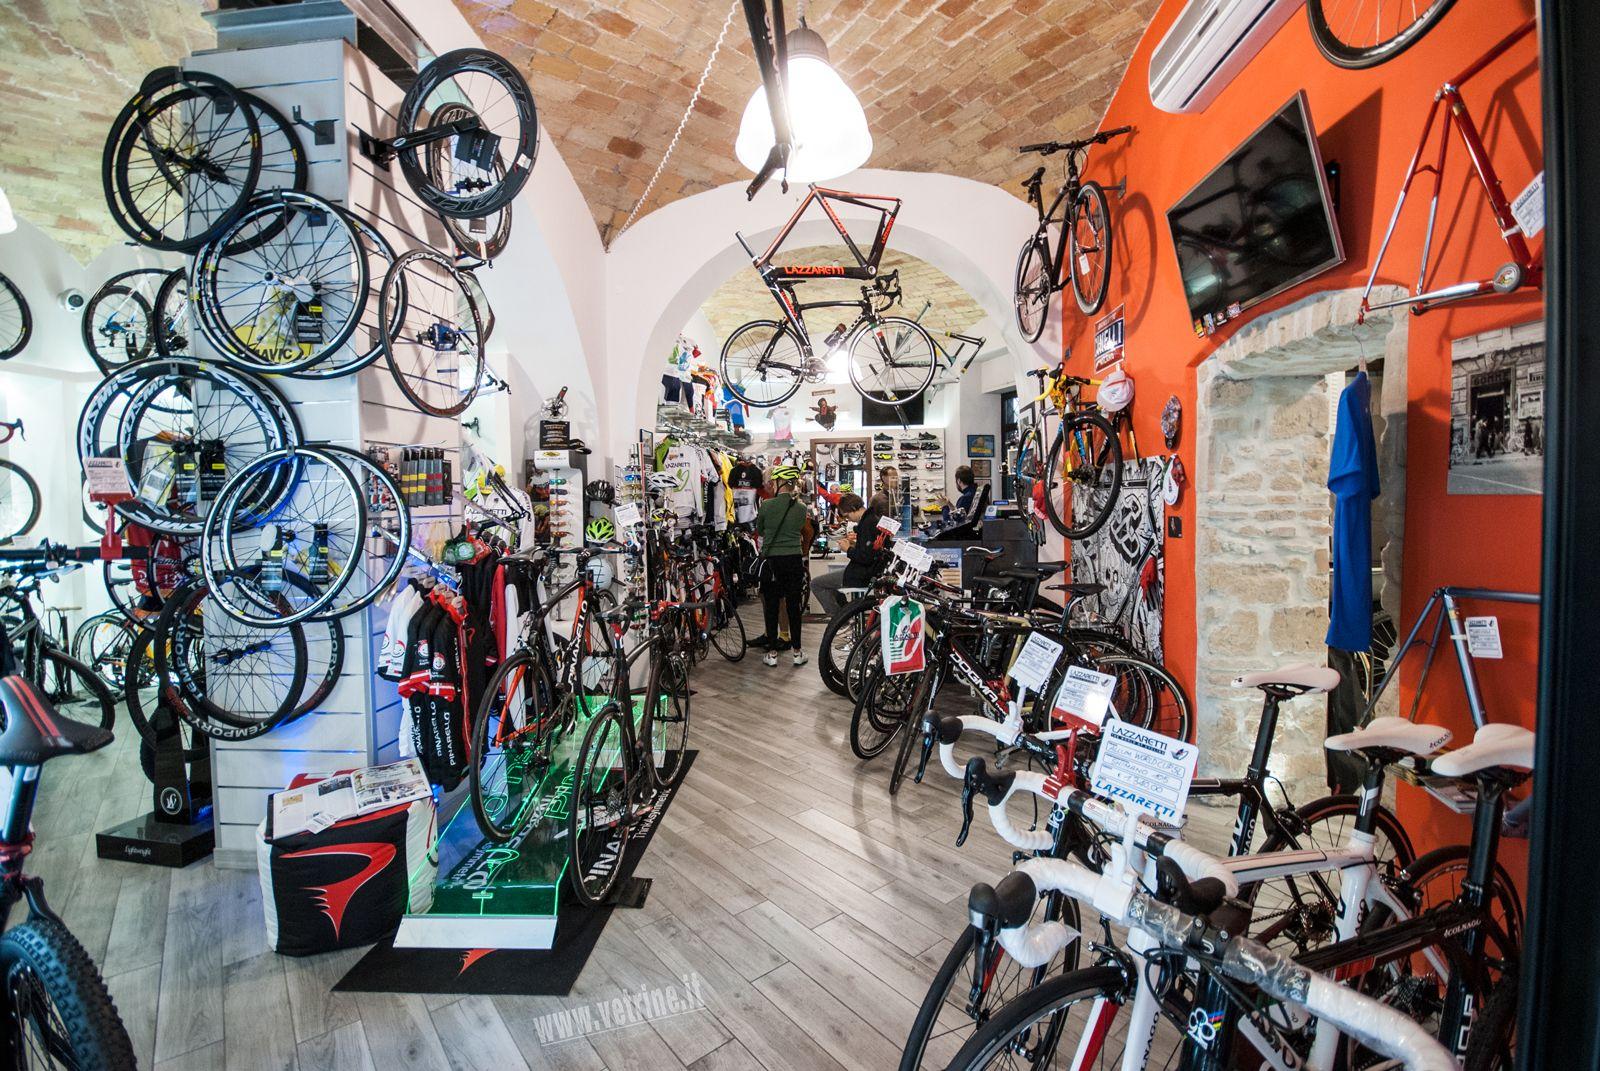 Arredamento per negozio di biciclette lazzaretti roma for Negozi arredamento roma centro